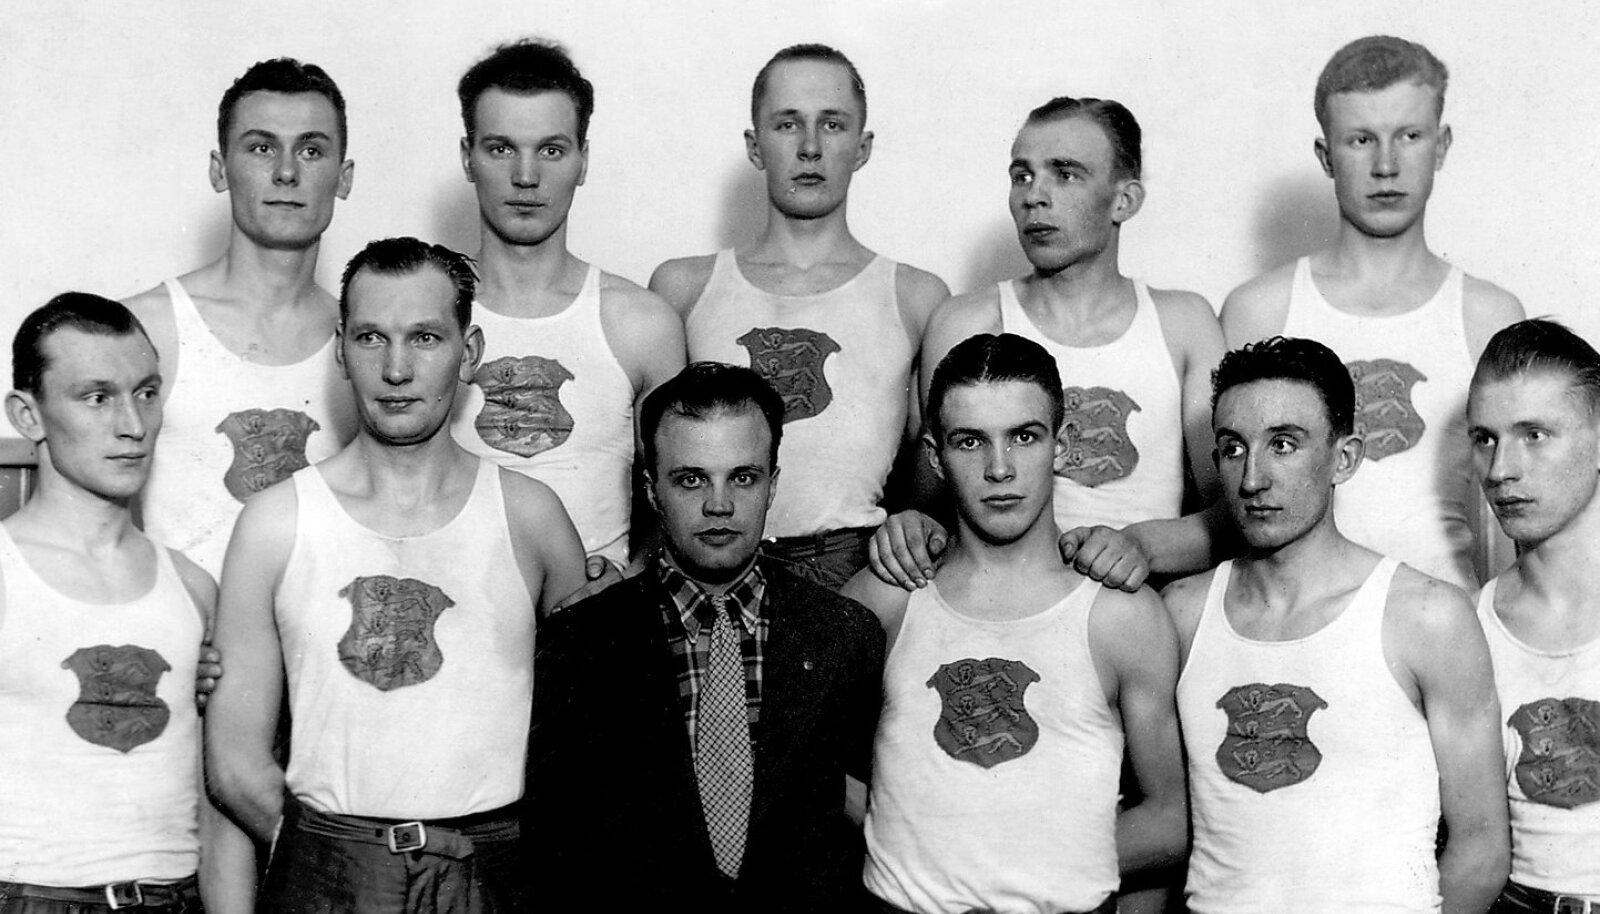 Rahvuskoondise esireas treener Herbert Niiler. Tema vasakul käel seisab kapten Erich Altosaar ja paremal Heino Veskila.